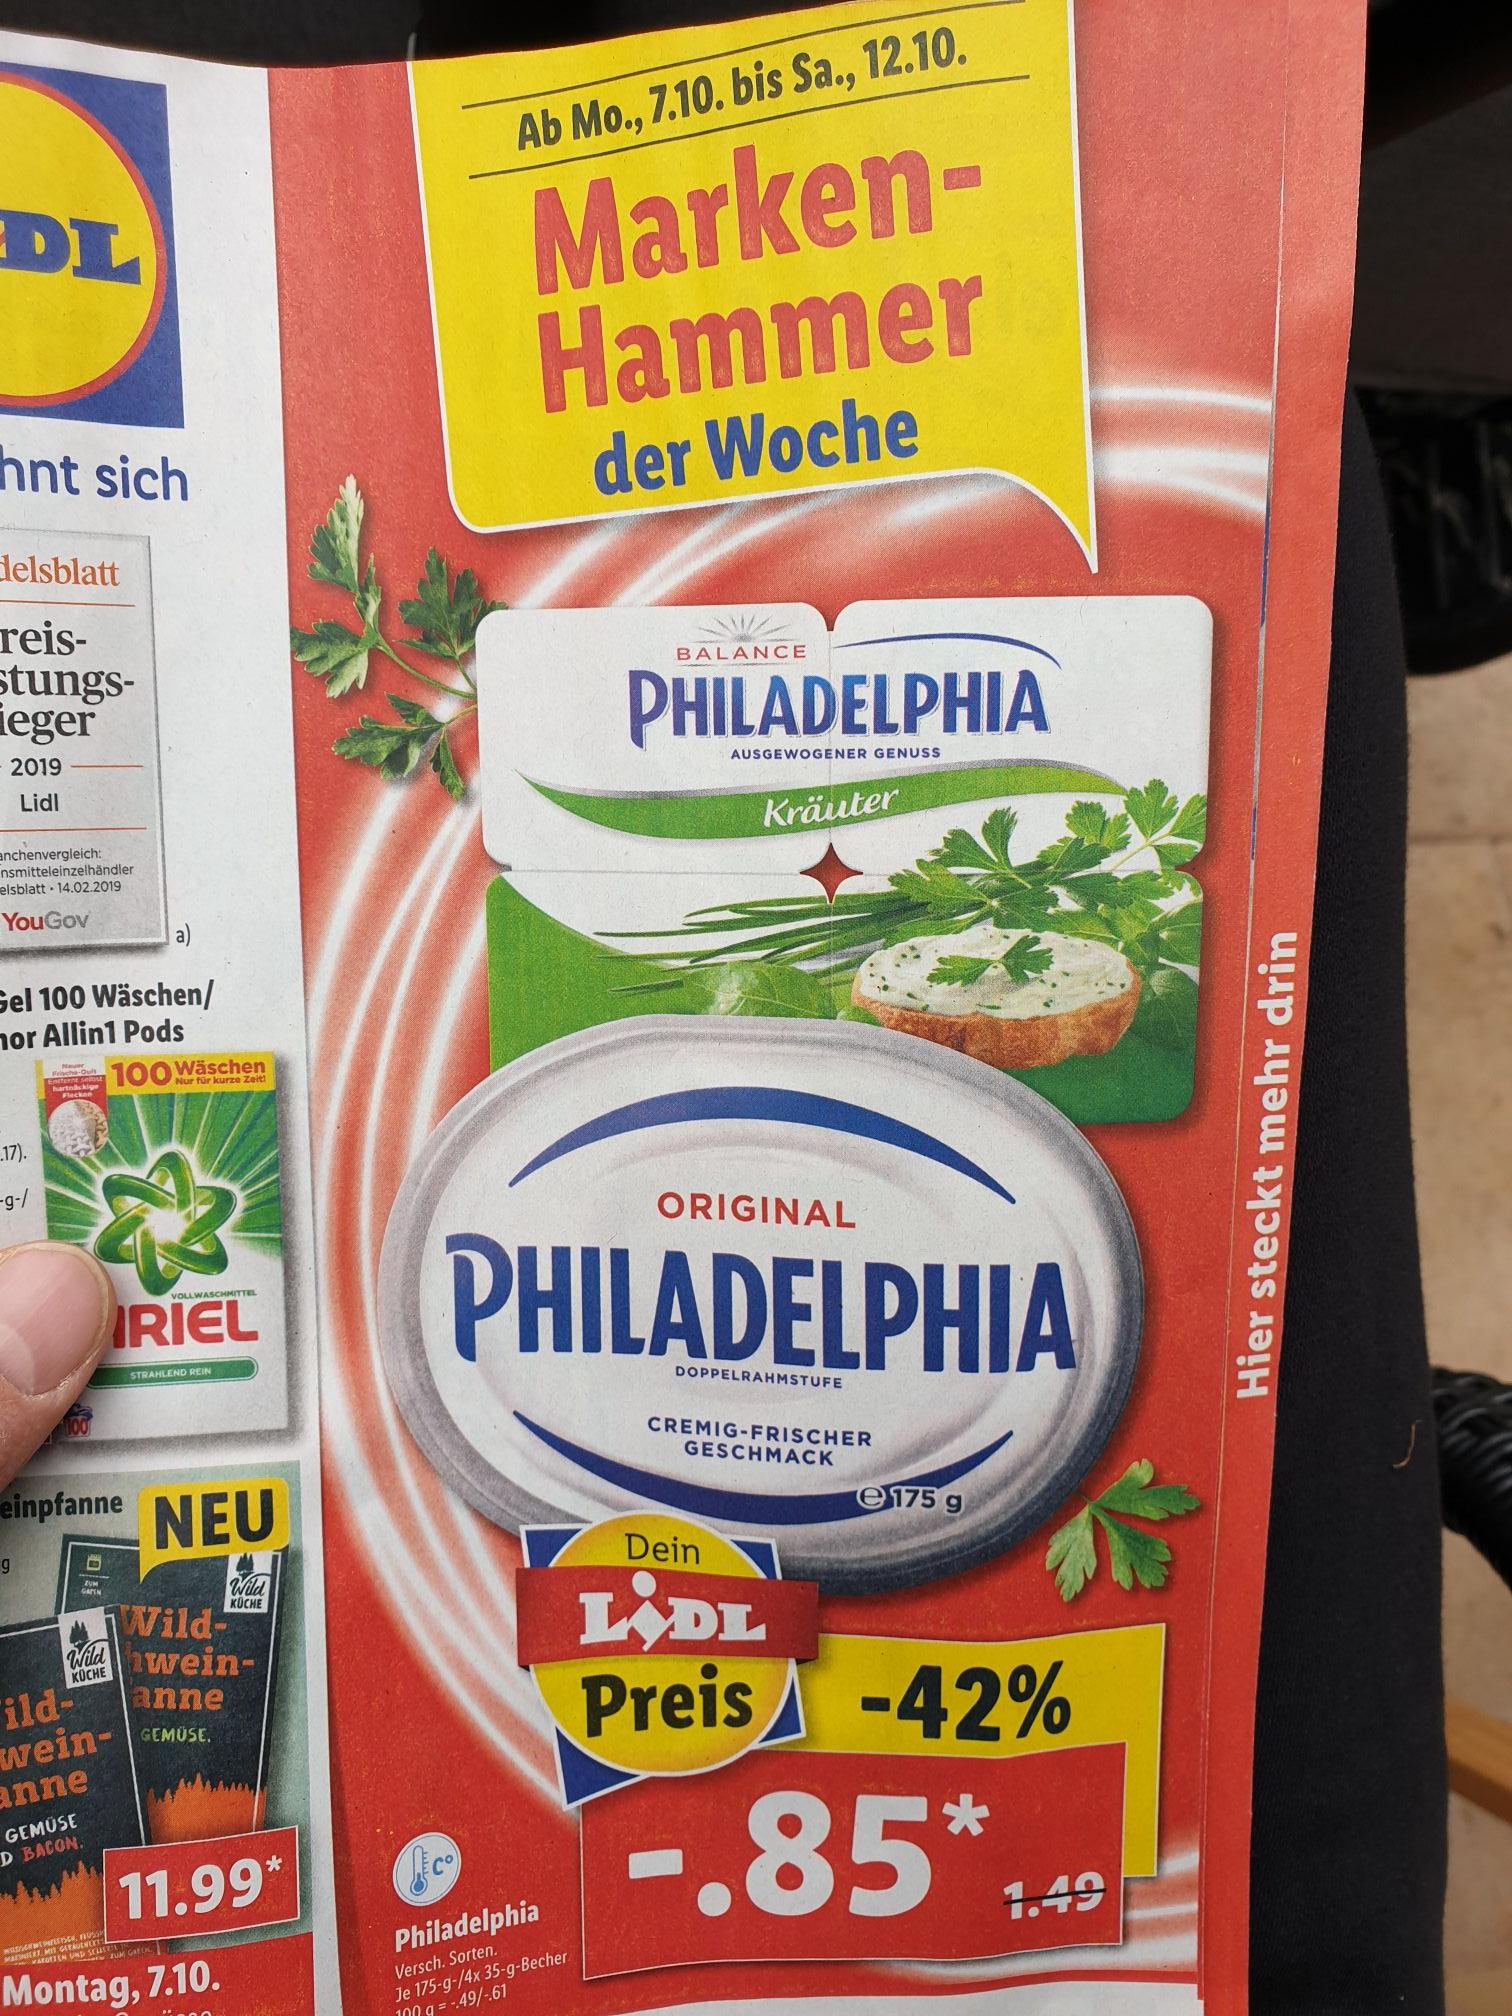 Lidl Angebot Philadelphia verschiedene Sorten